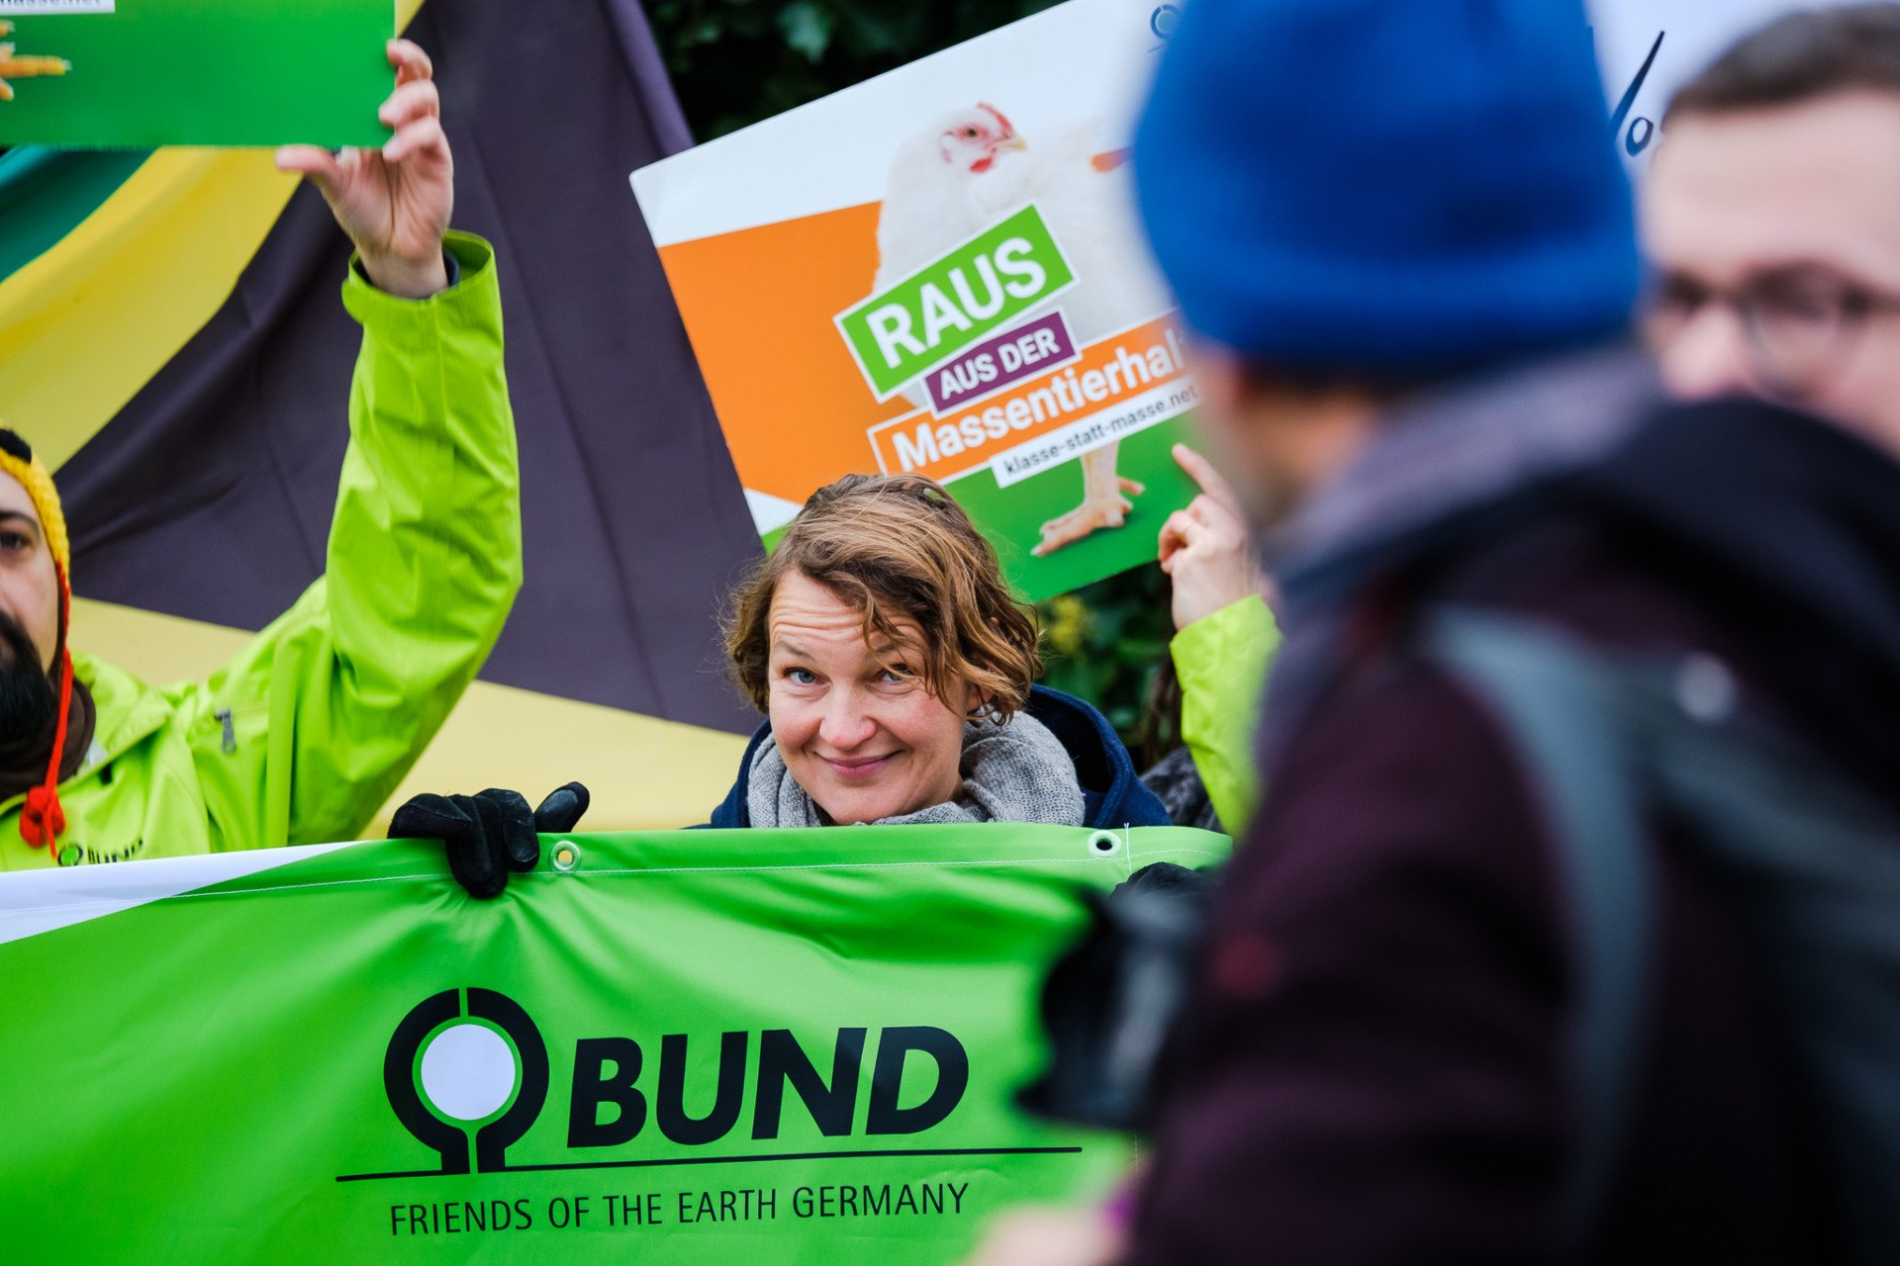 Andi Weiland BUND gegen Massentierhaltung